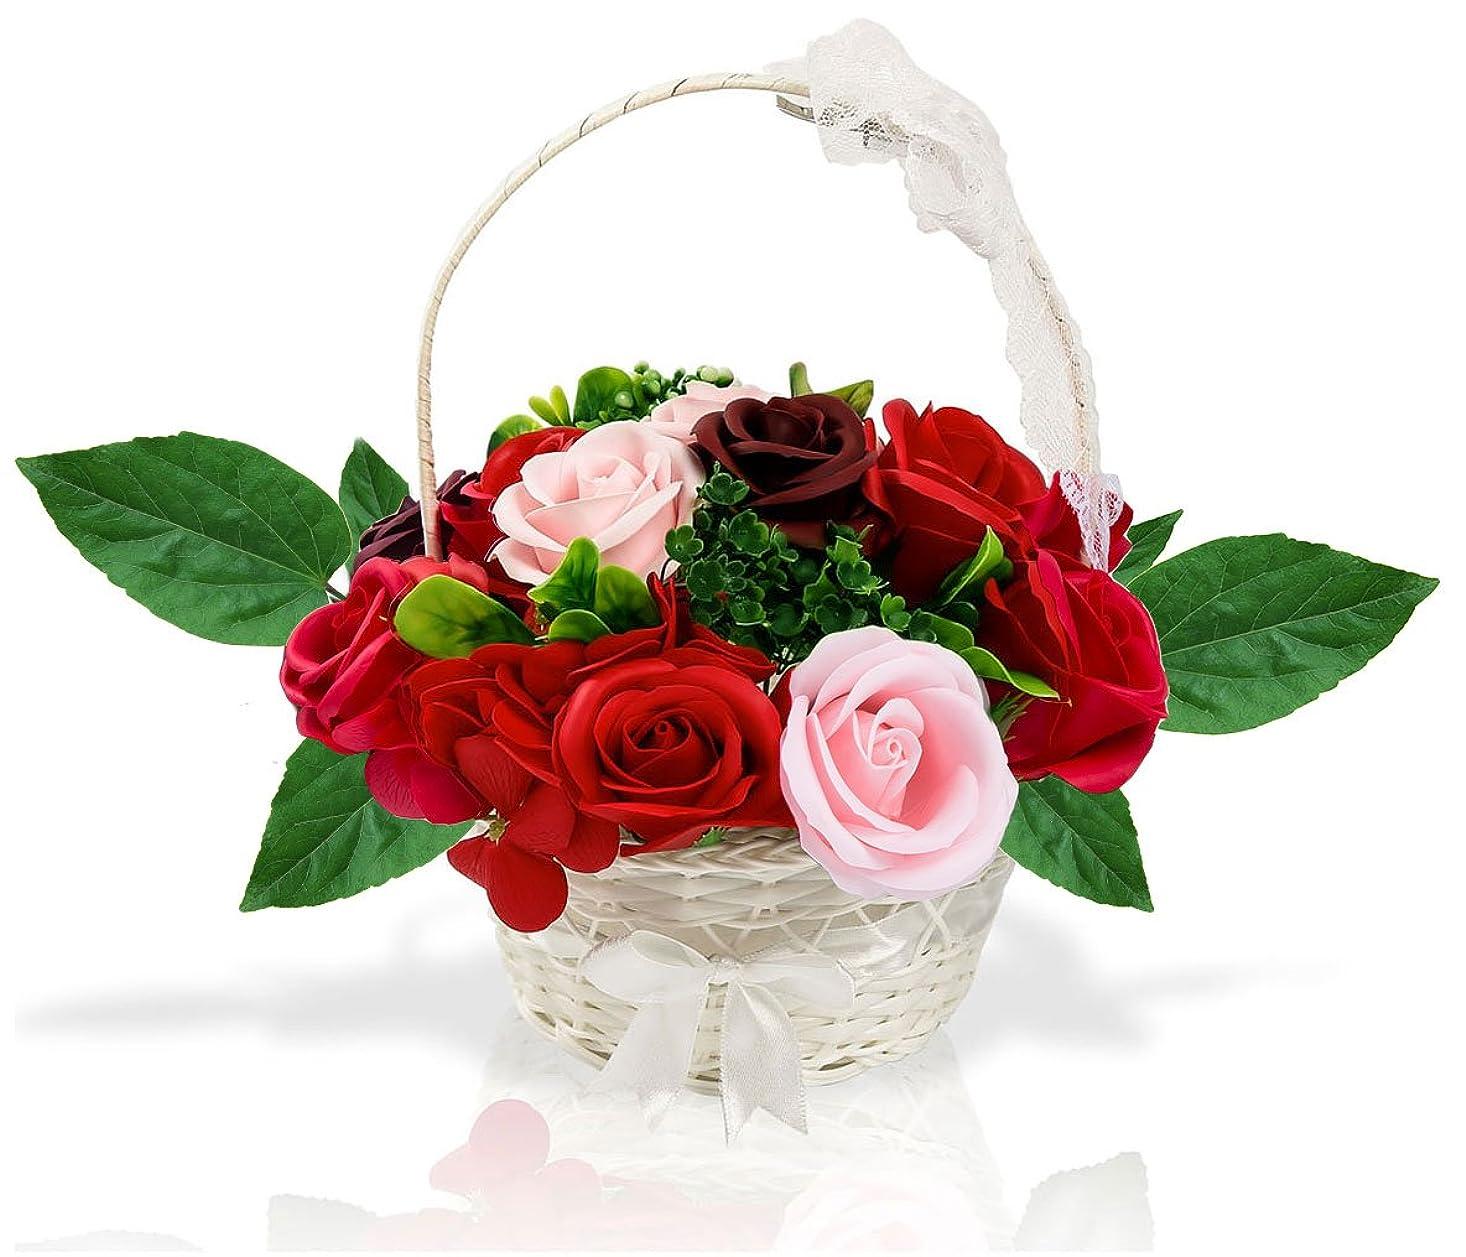 郡摂氏少しソープフラワー 創意花かごギフトボックス 母の日 誕生日 記念日 先生の日 バレンタインデー 昇進 転居など最適としてのプレゼント